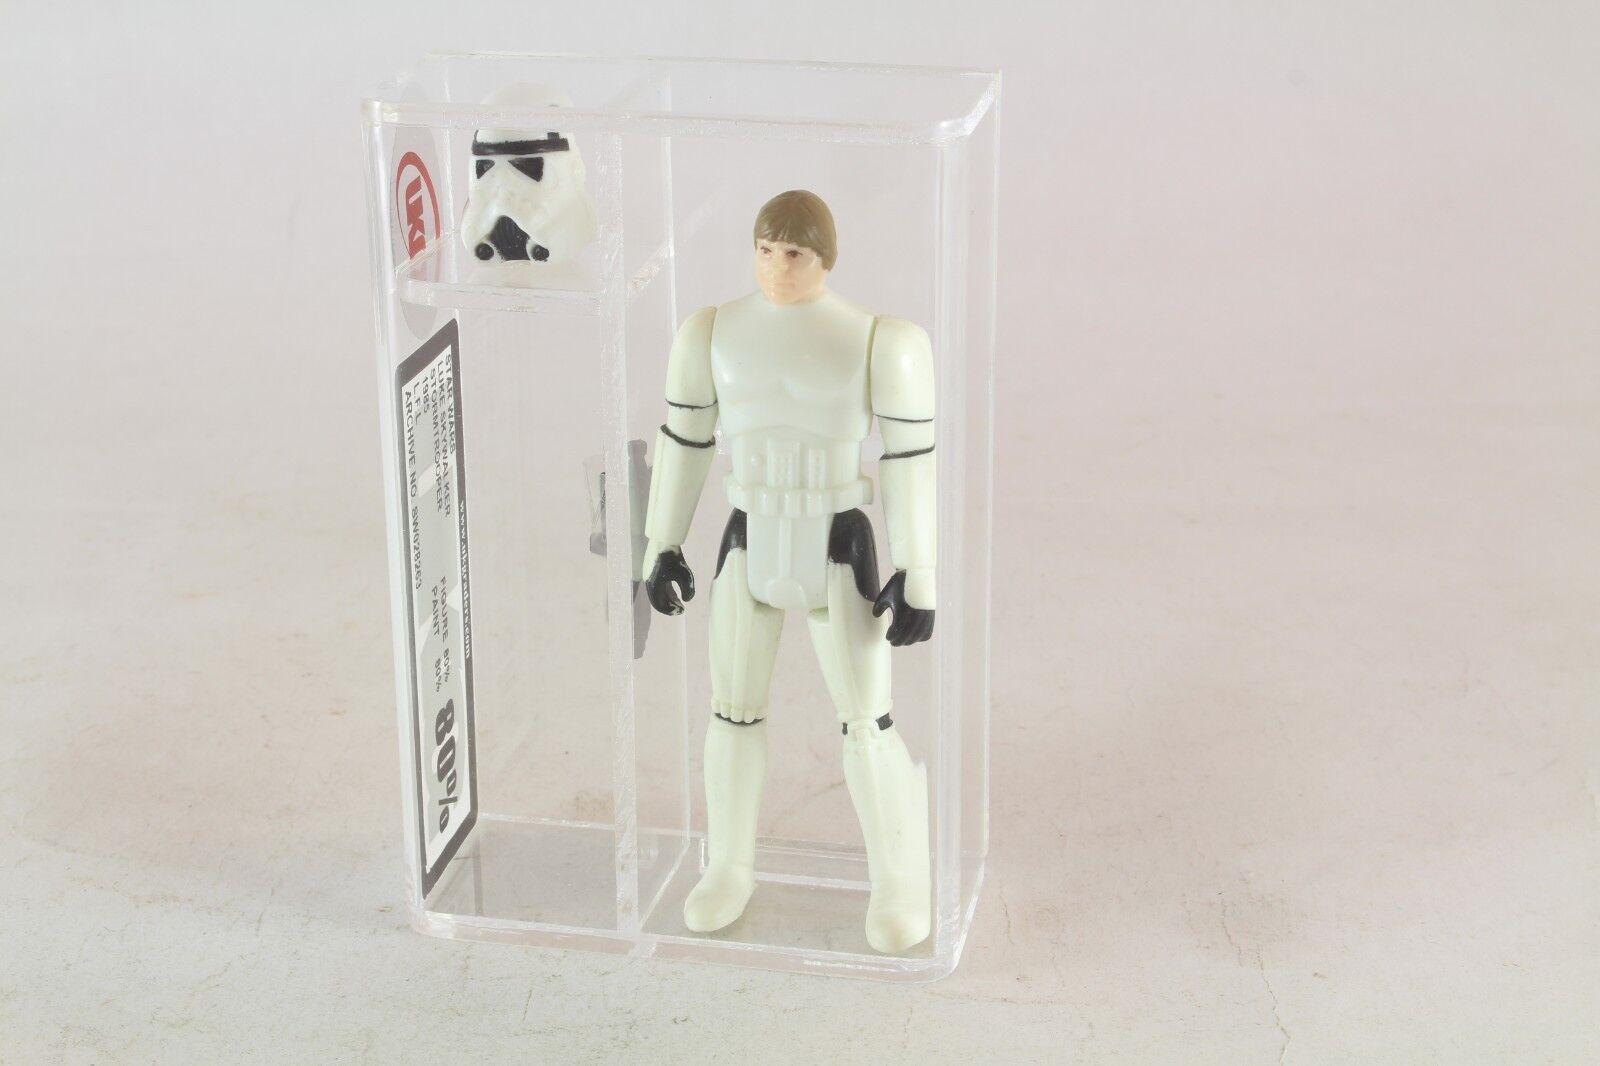 Star Wars Luke Skywalker Stormtrooper Vintage UKG classé classé classé 80 pas AFA 17 dernier 7c61a3